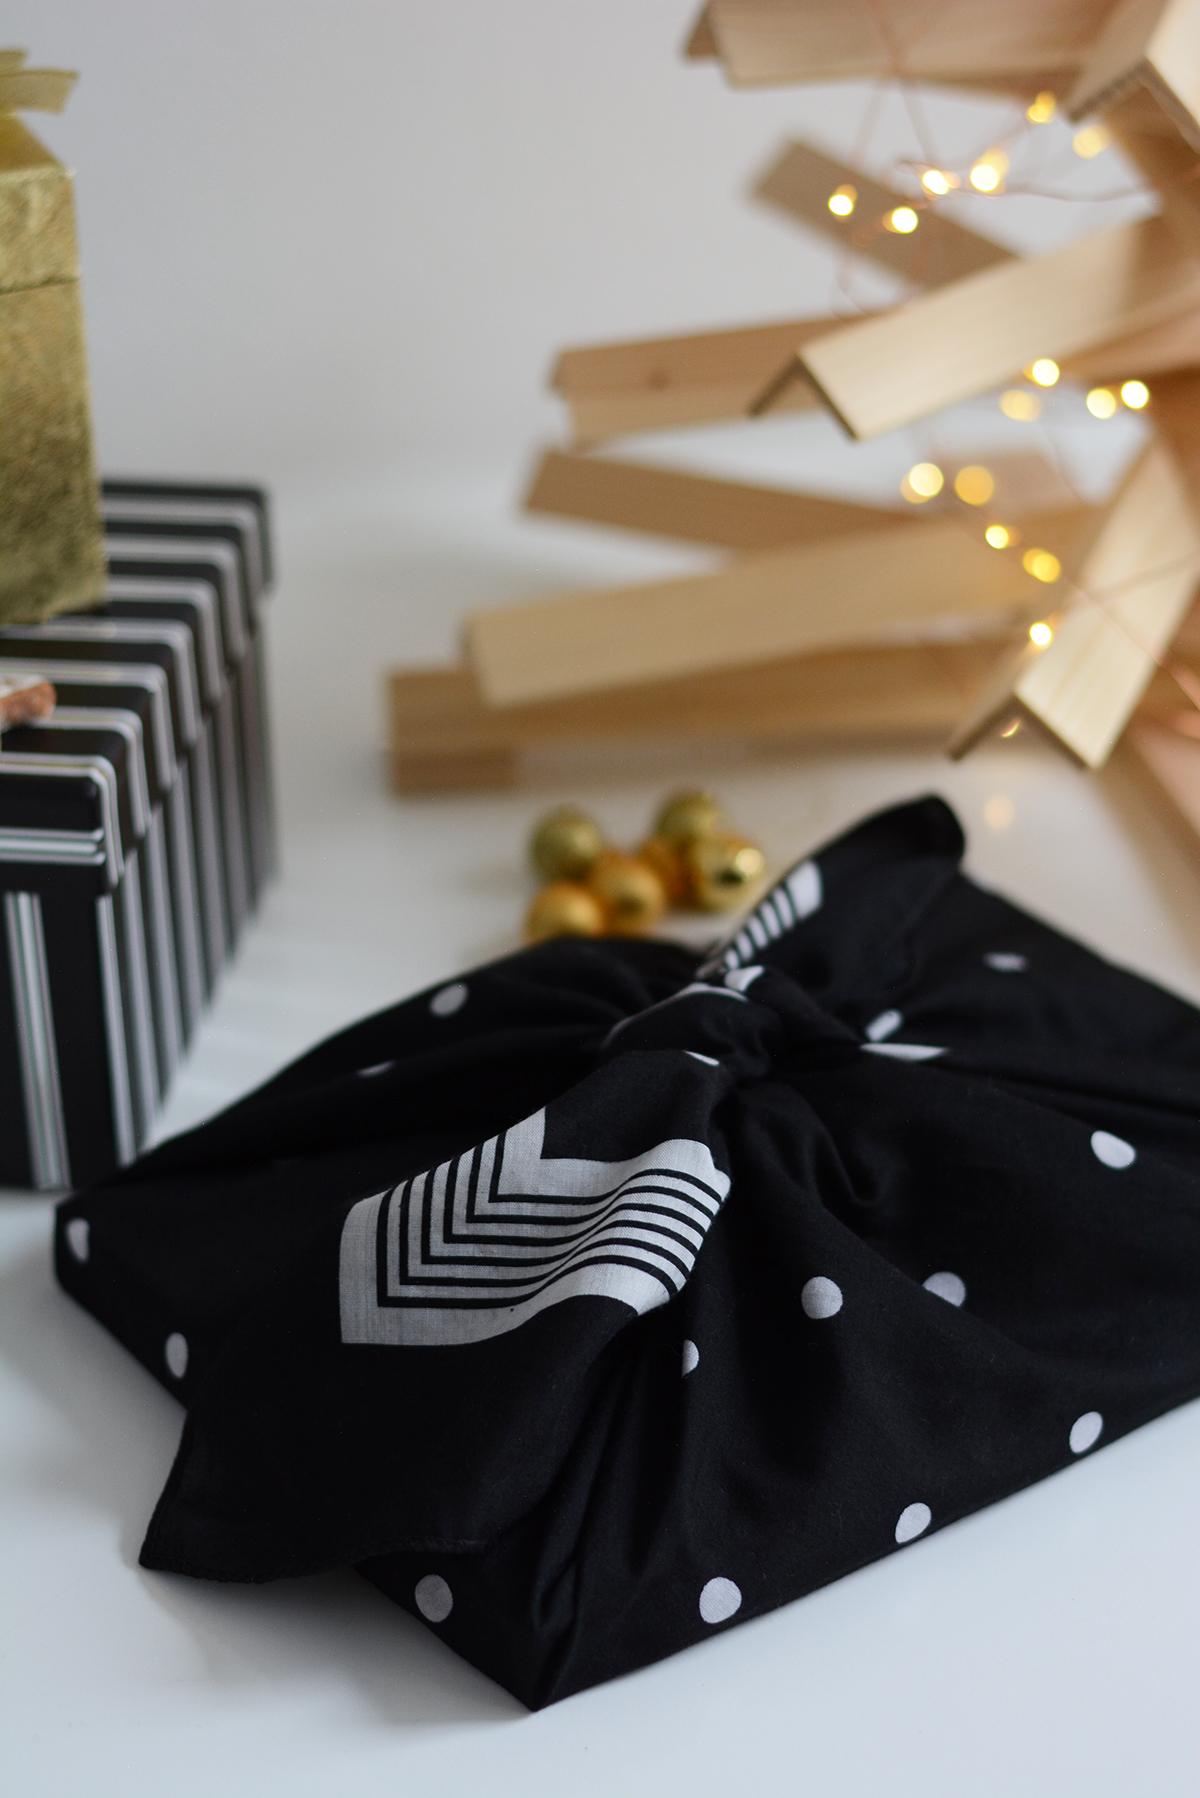 Geschenke mit Stoff verpacken | Pixi mit Milch